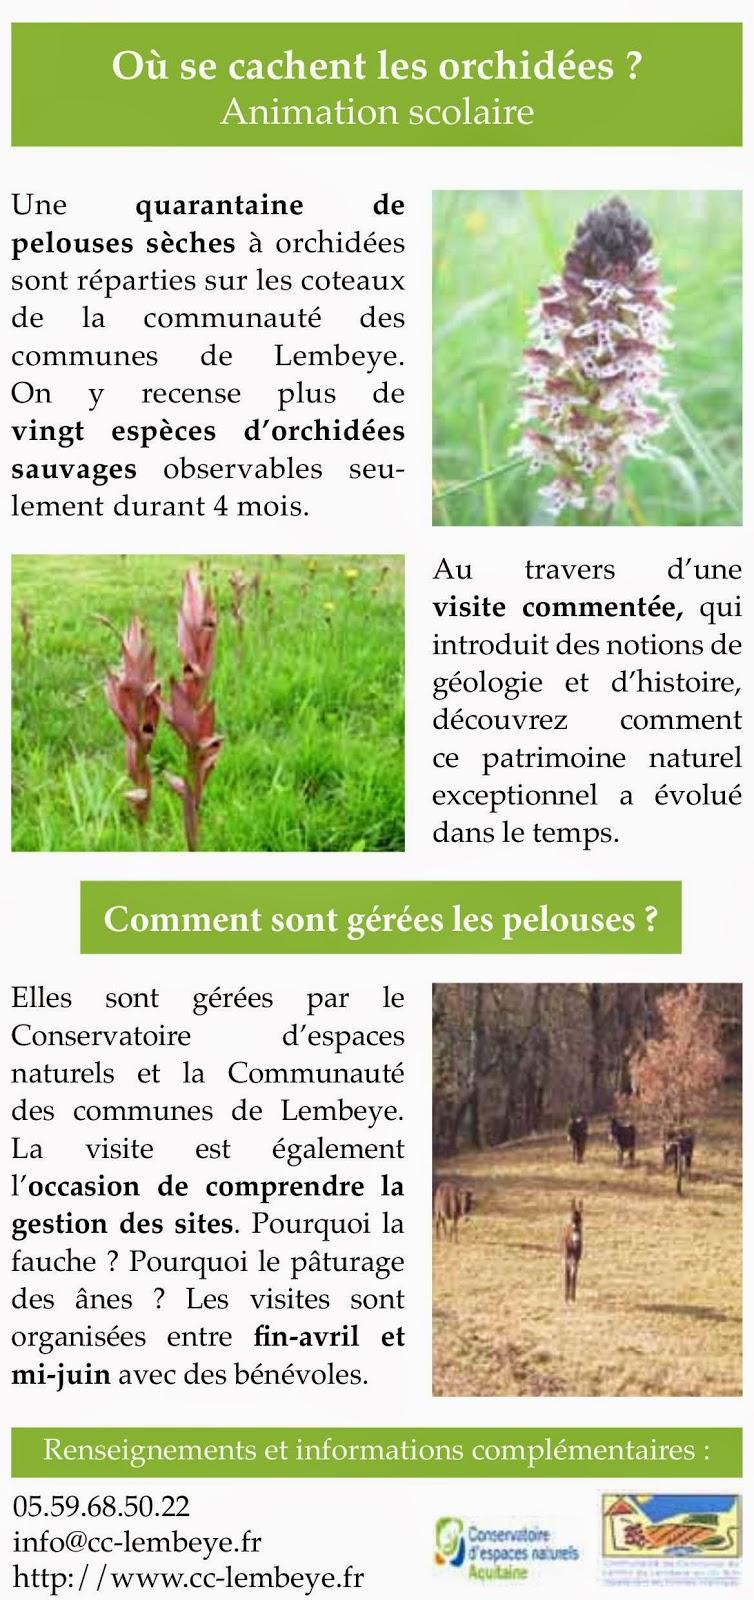 Moulin et gites lespielle 64350 5kms de lembeye - Peut on couper les racines des orchidees ...